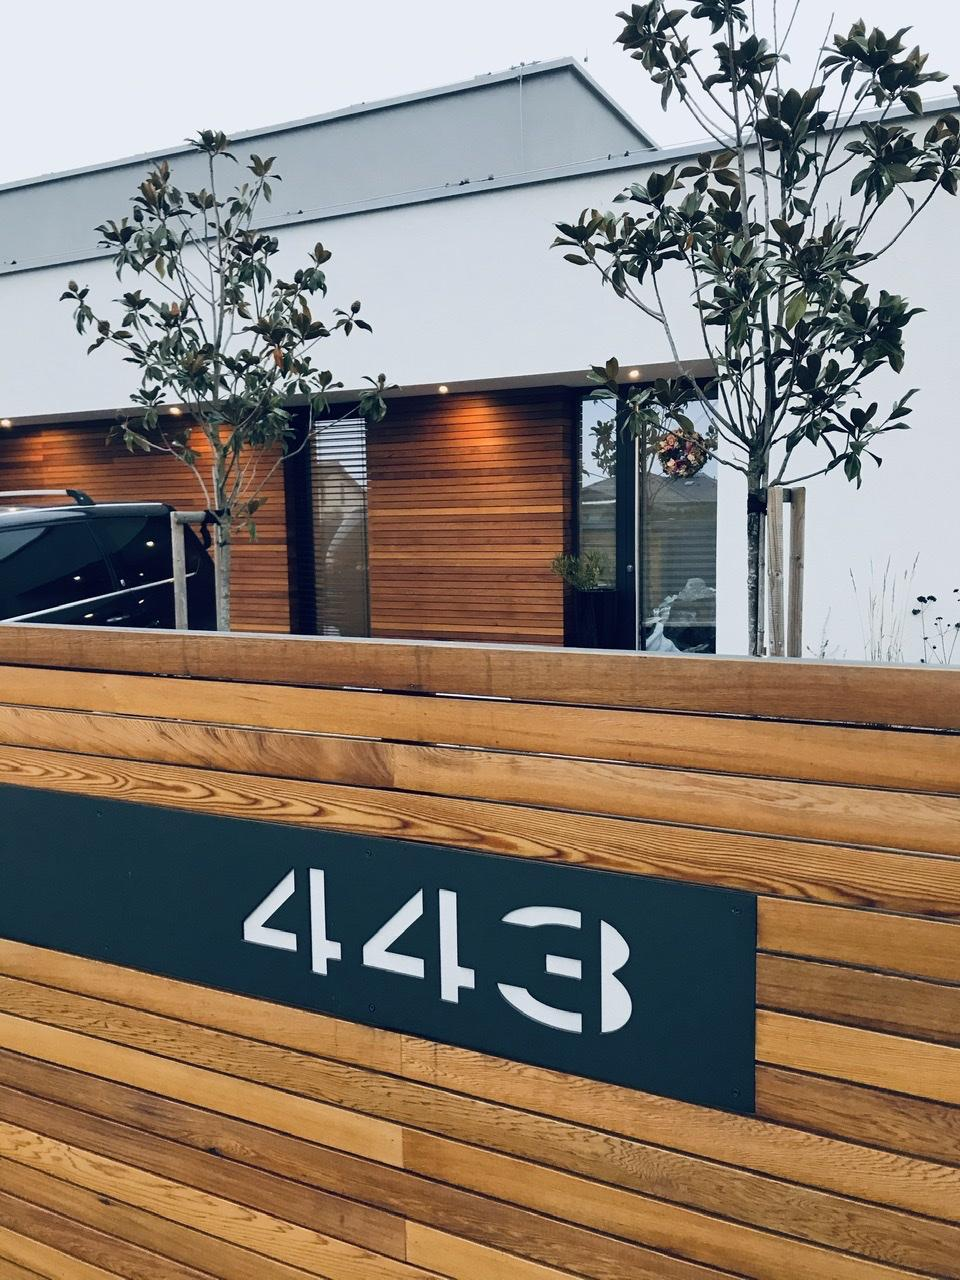 Naše L-ko - začiatok 4. roku bývania - dokončené venkovní žaluzie - predná fasáda. Farba RAL 7016 je rovnaká ako na rámoch okien a antracitových častiach plotu